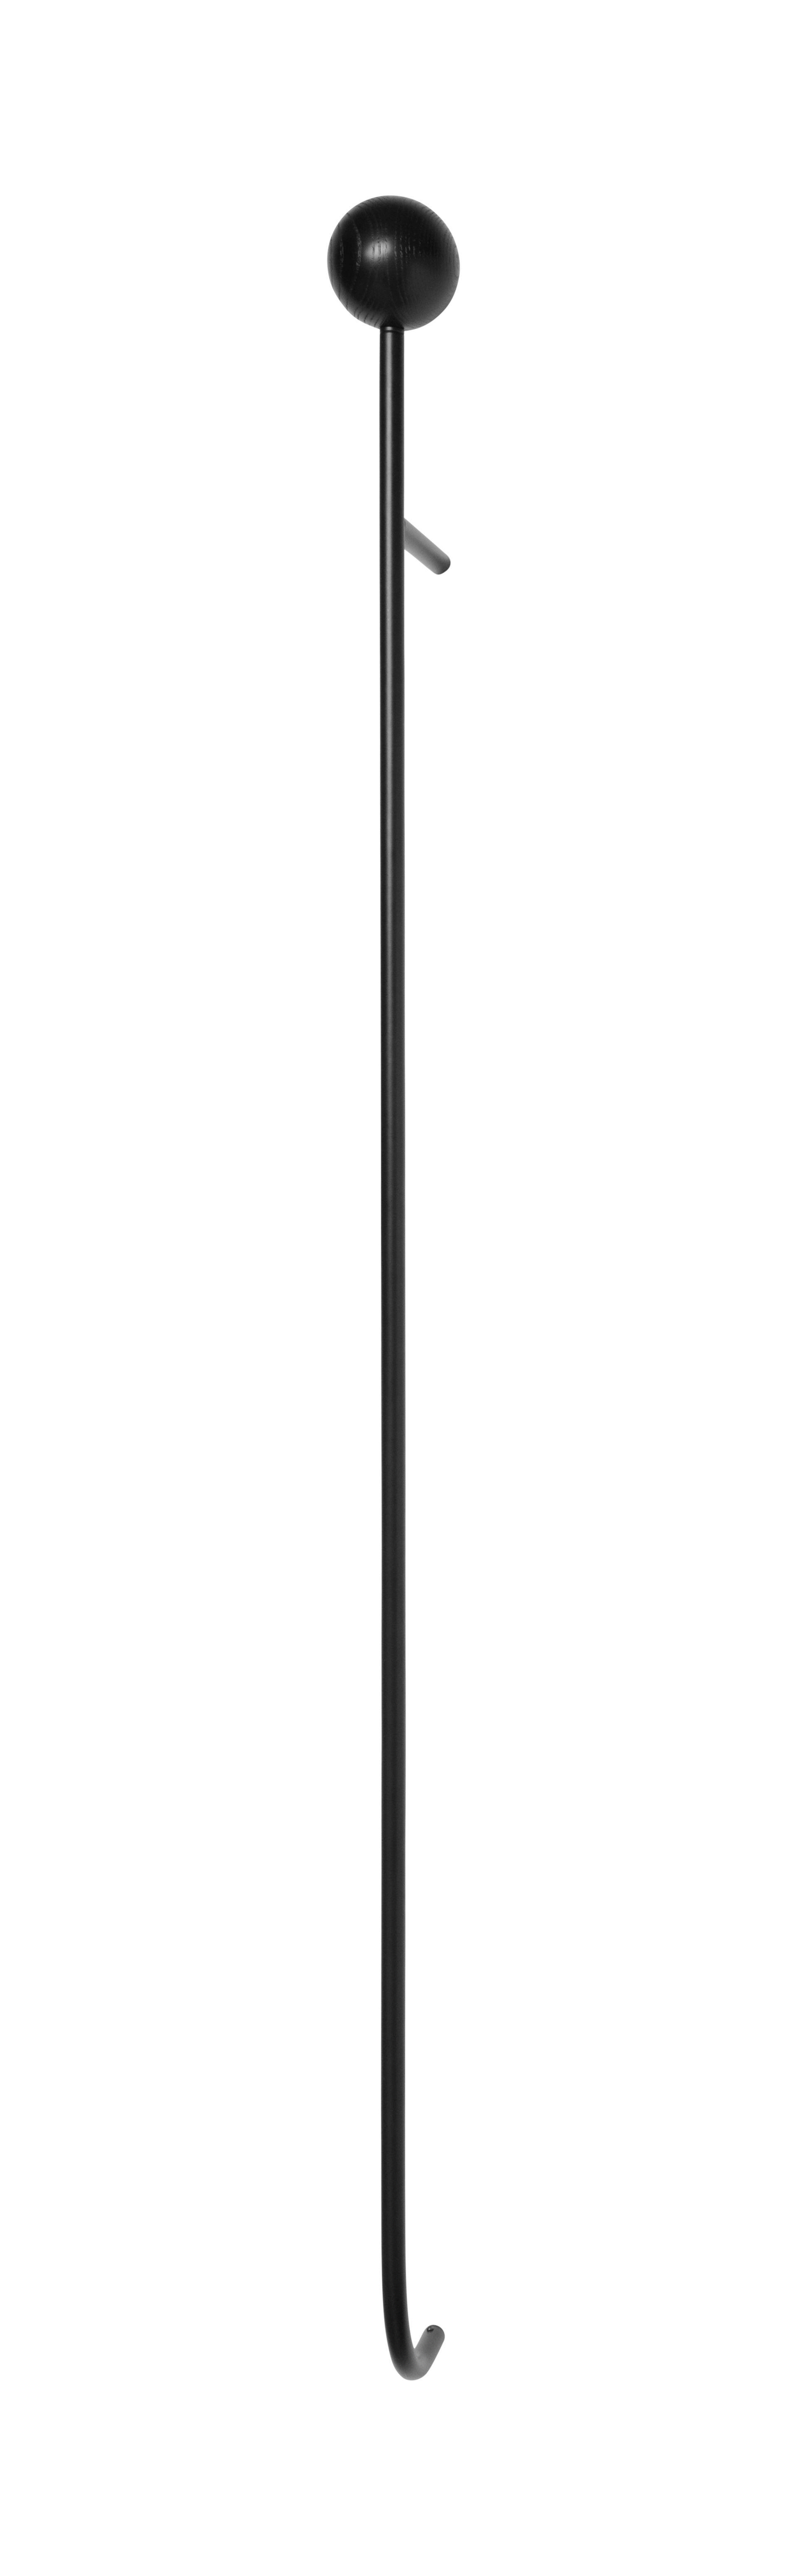 Mobilier - Portemanteaux, patères & portants - Portemanteau mural Pujo / Bois & métal - Ferm Living - Frêne teinté noir - Frêne teinté noir, Métal laqué époxy